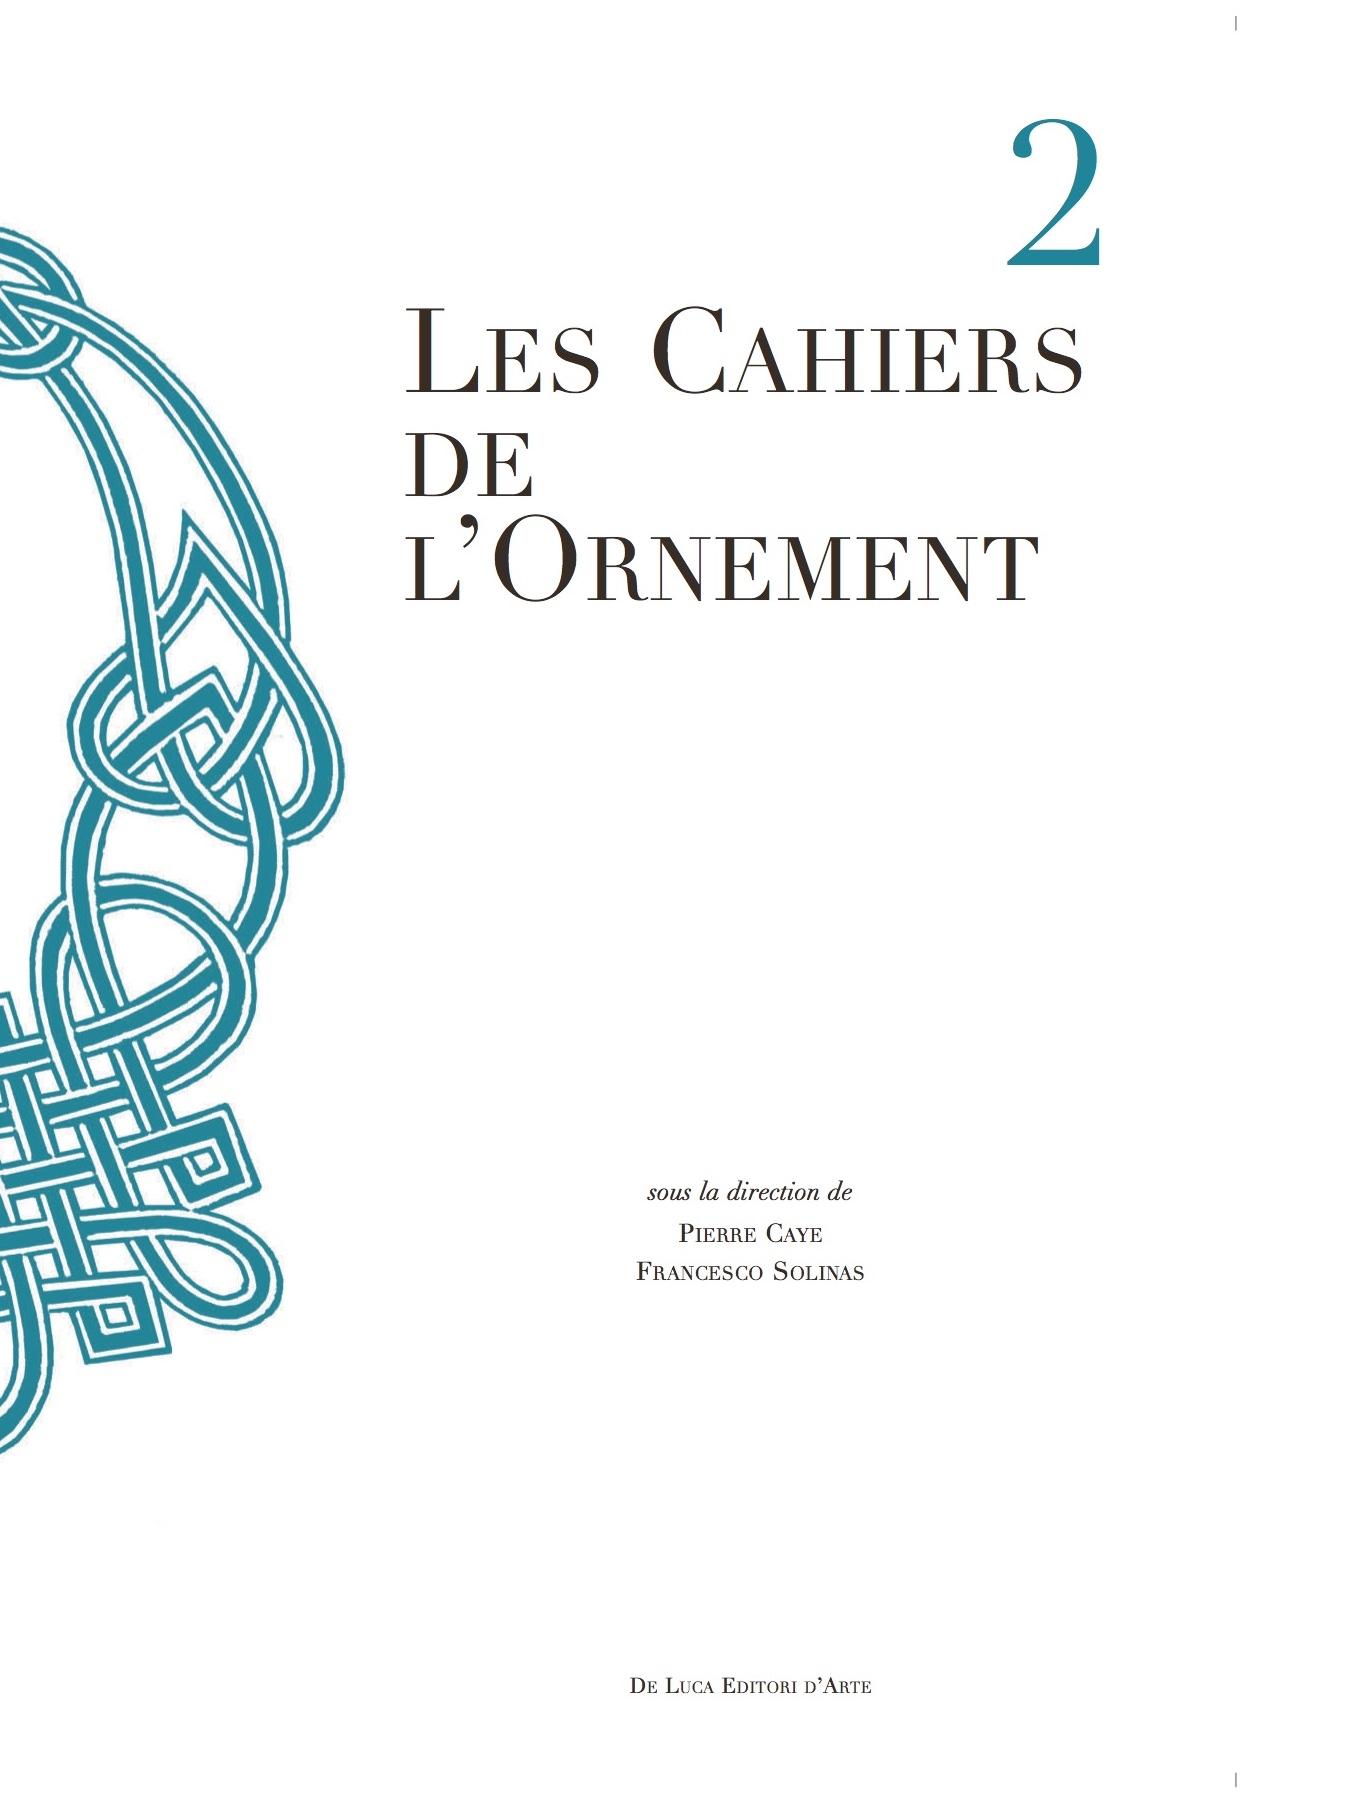 Francesco Solinas, Pierre Caye (dirs.) - Les Cahiers de l'Ornement,n.2